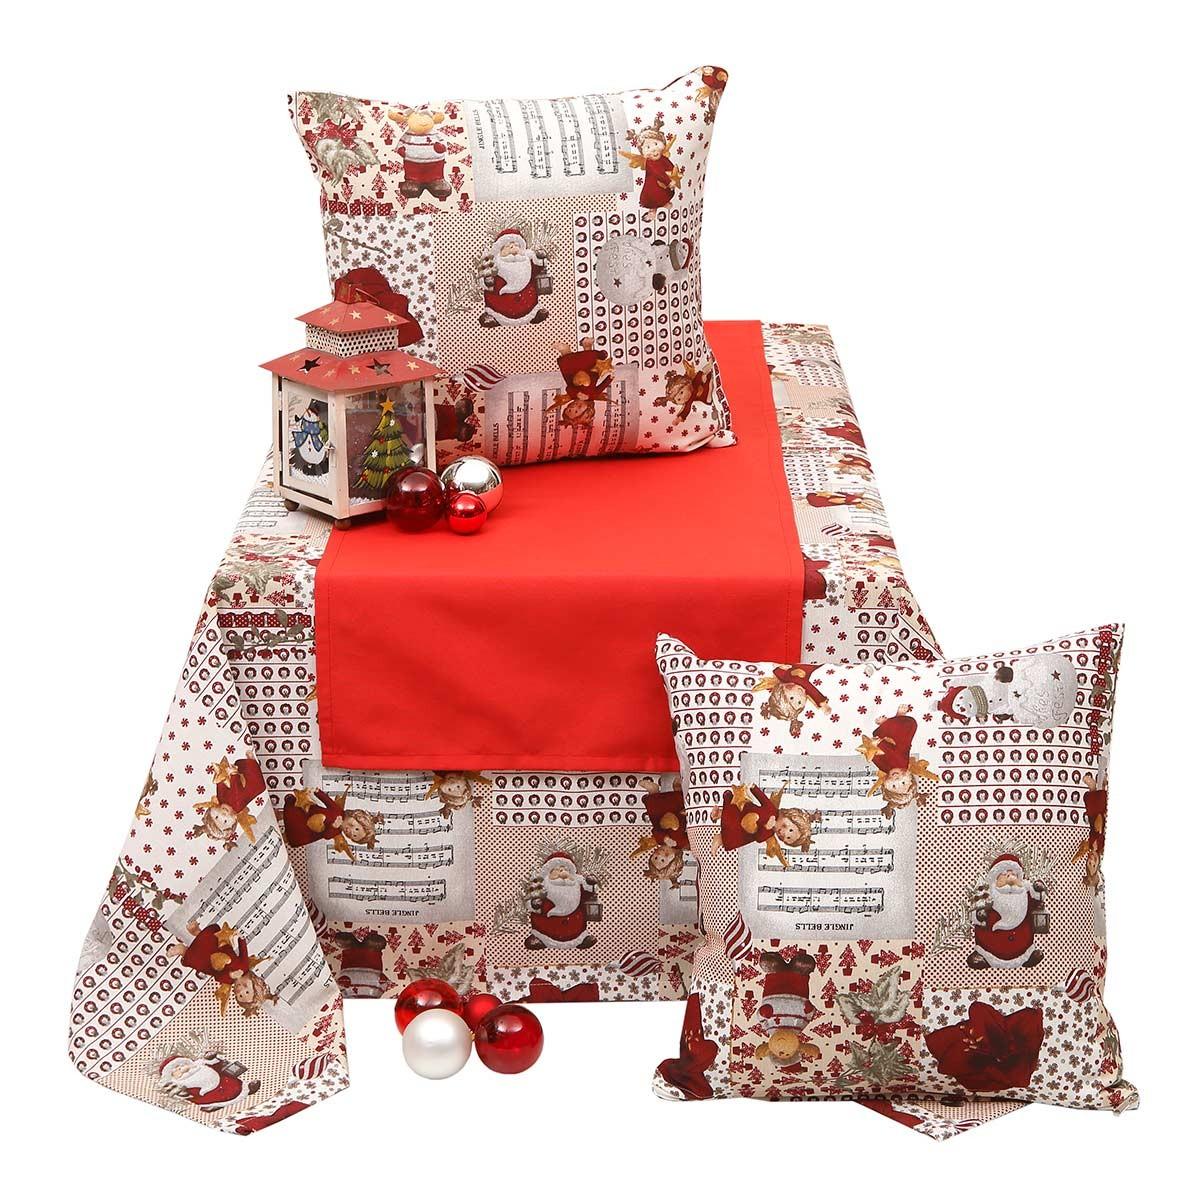 Χριστουγεννιάτικα Σουπλά (Σετ 2τμχ) Viopros 4435